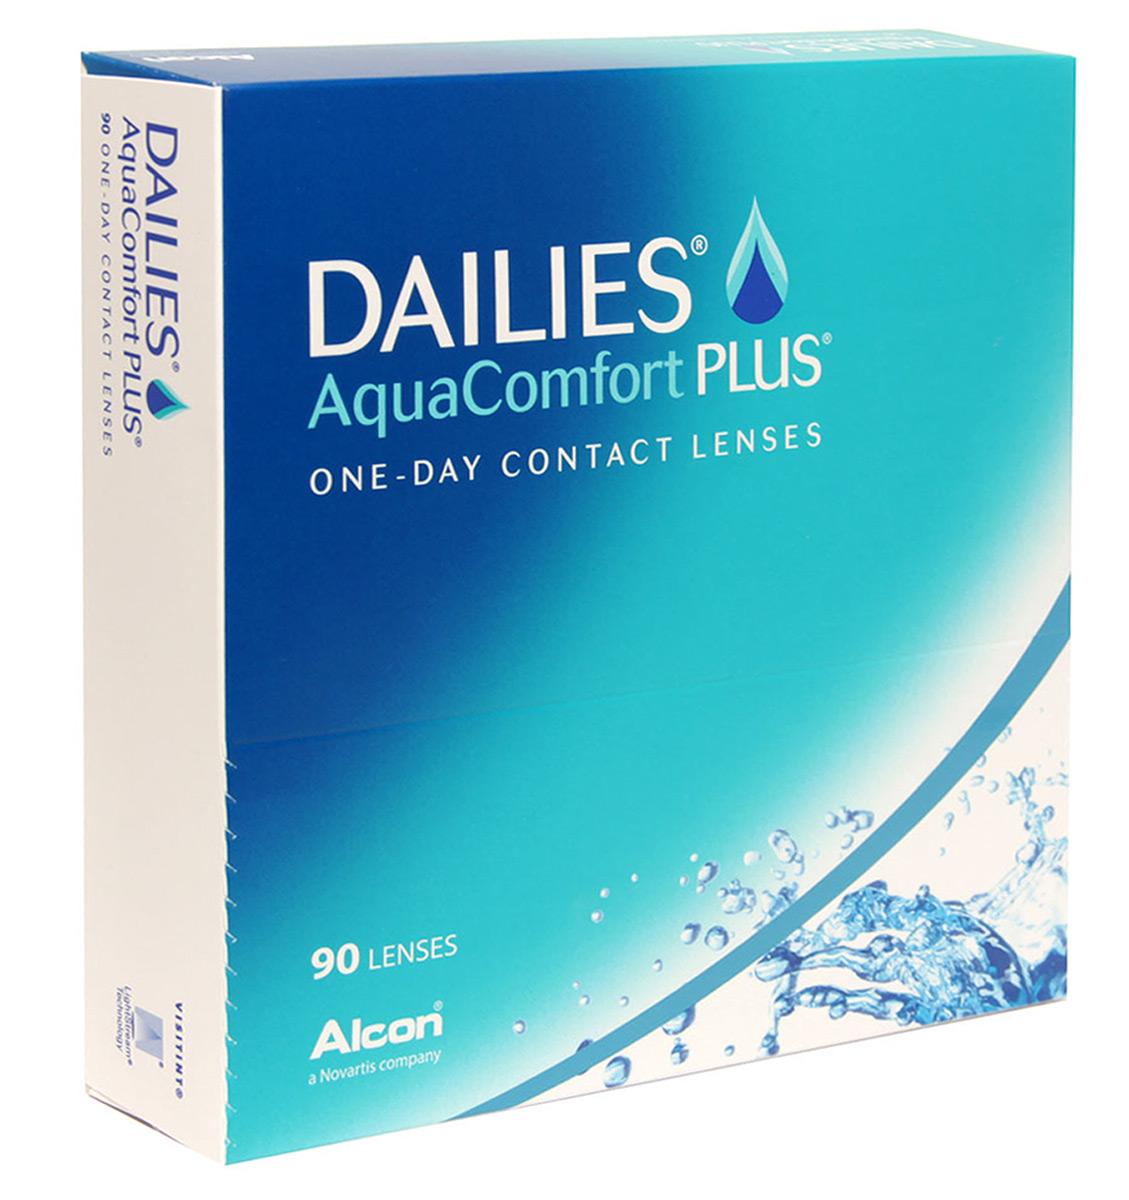 Alcon-CIBA Vision контактные линзы Dailies AquaComfort Plus (90шт / 8.7 / 14.0 / -5.25)38385Dailies AquaComfort Plus - это одни из самых популярных однодневных линз производства компании Ciba Vision. Эти линзы пользуются огромной популярностью во всем мире и являются на сегодняшний день самыми безопасными контактными линзами. Изготавливаются линзы из современного, 100% безопасного материала нелфилкон А. Особенность этого материала в том, что он легко пропускает воздух и хорошо сохраняет влагу. Однодневные контактные линзы Dailies AquaComfort Plus не нуждаются в дополнительном уходе и затратах, каждый день вы надеваете свежую пару линз. Дизайн линзы биосовместимый, что гарантирует безупречный комфорт. Самое главное достоинство Dailies AquaComfort Plus - это их уникальная система увлажнения. Благодаря этой разработке линзы увлажняются тремя различными агентами. Первый компонент, ухаживающий за линзами, находится в растворе, он как бы обволакивает линзу, обеспечивая чрезвычайно комфортное надевание. Второй агент выделяется на протяжении всего дня, он...